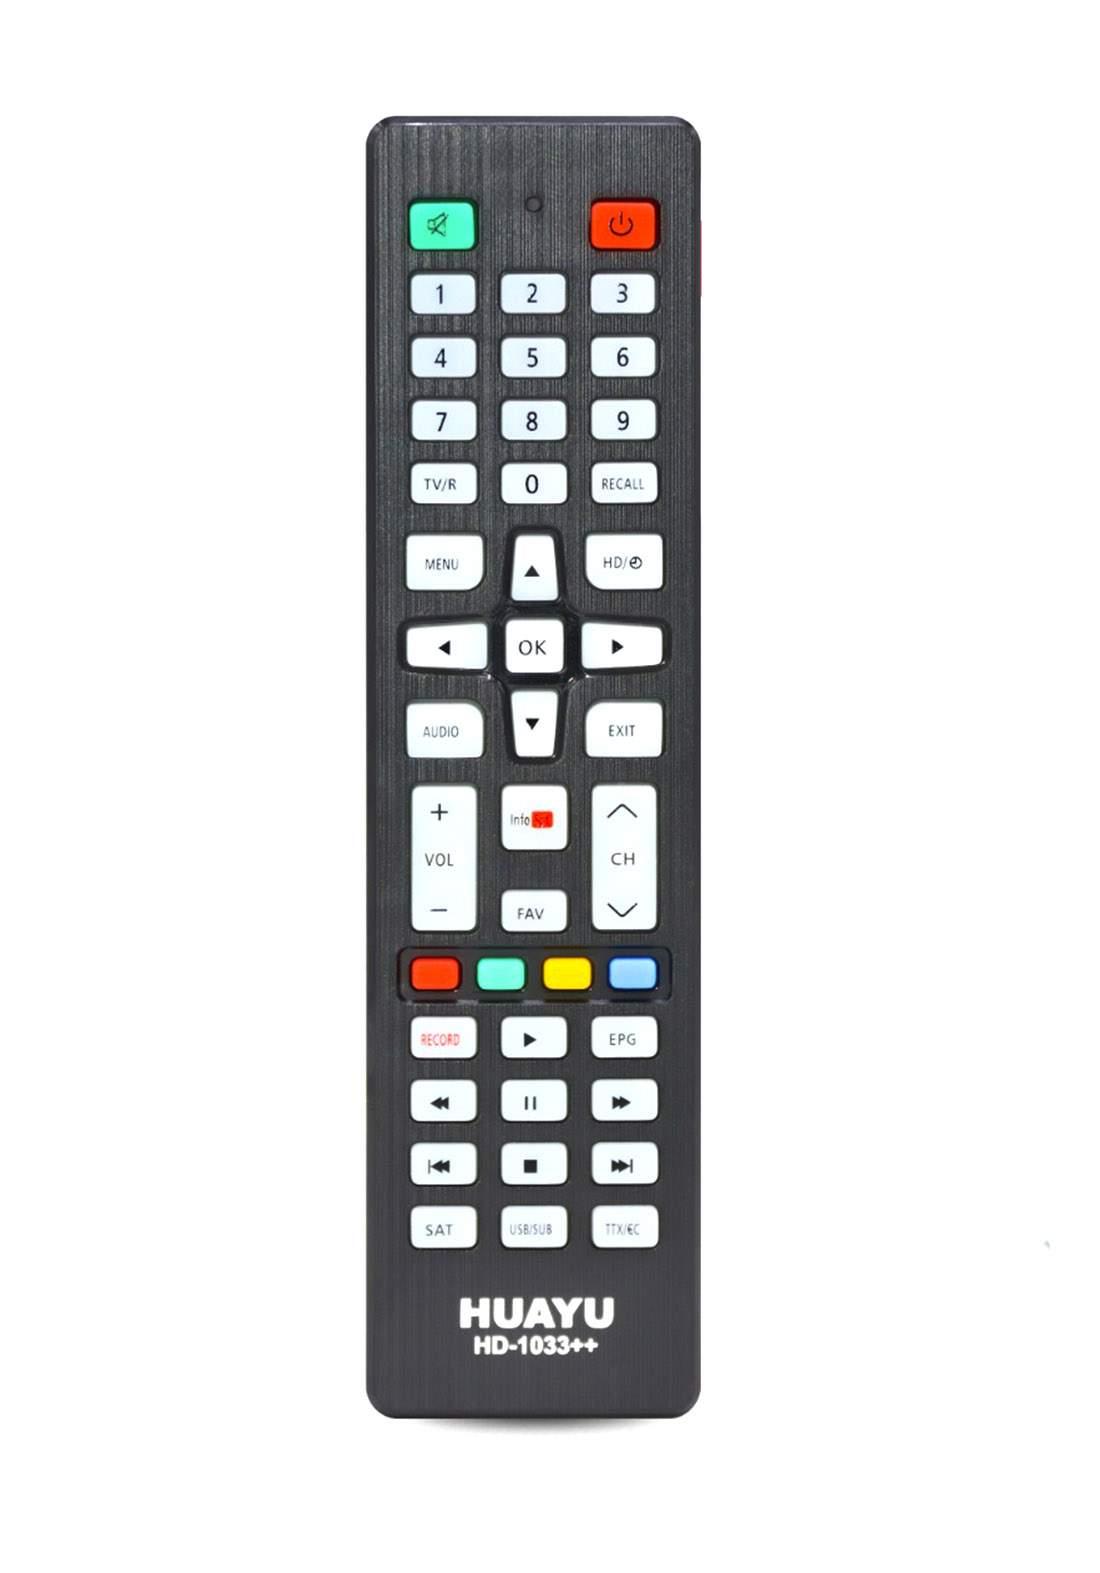 HUAYU Remote Control For HD,SAT TV - Black جهاز التحكم عن بعد